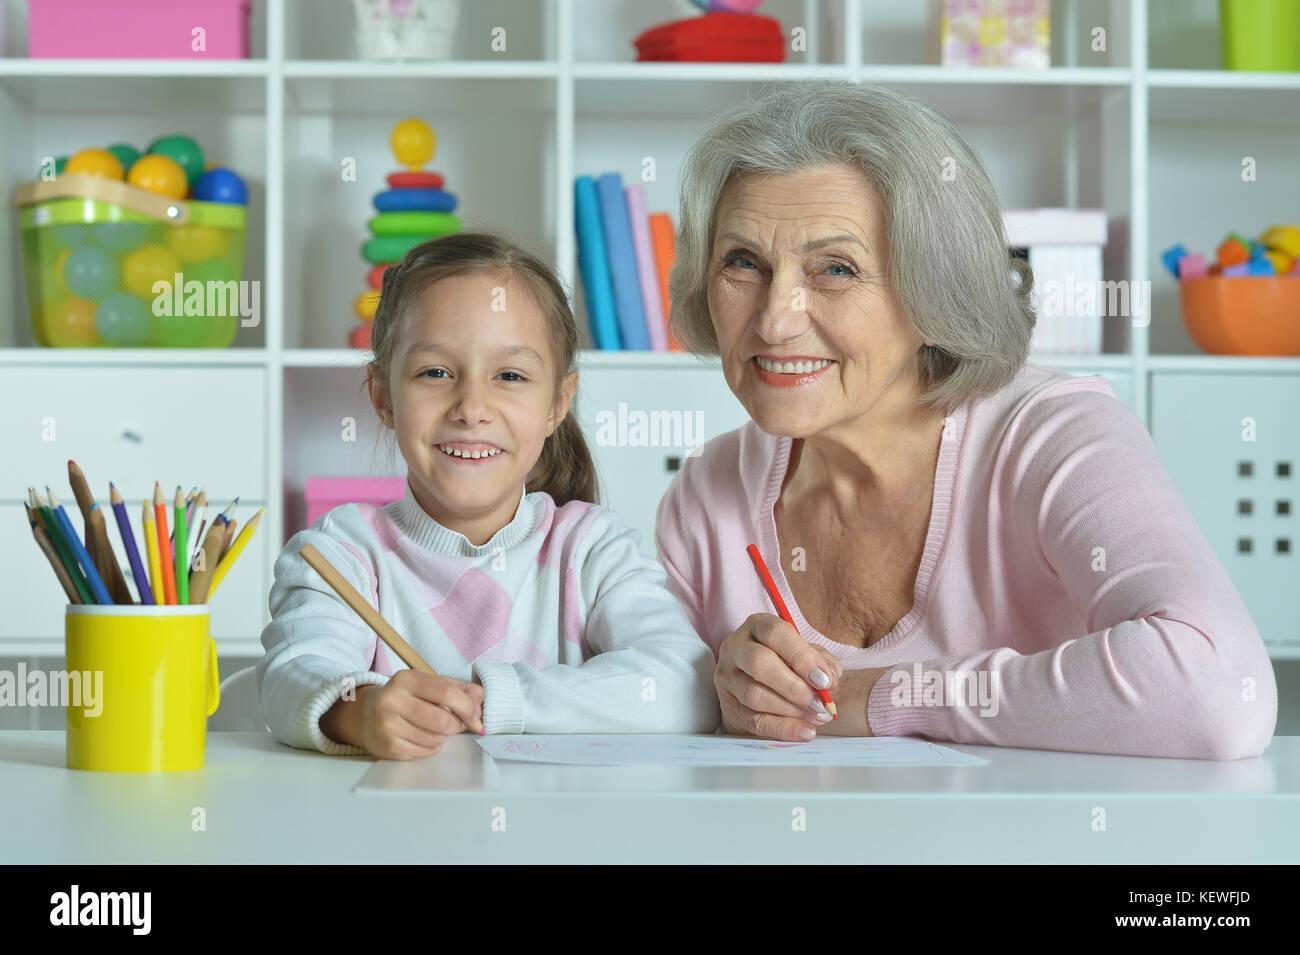 Oma Mit Enkelin Zusammen Zeichnen Stockfoto Bild 164059573 Alamy